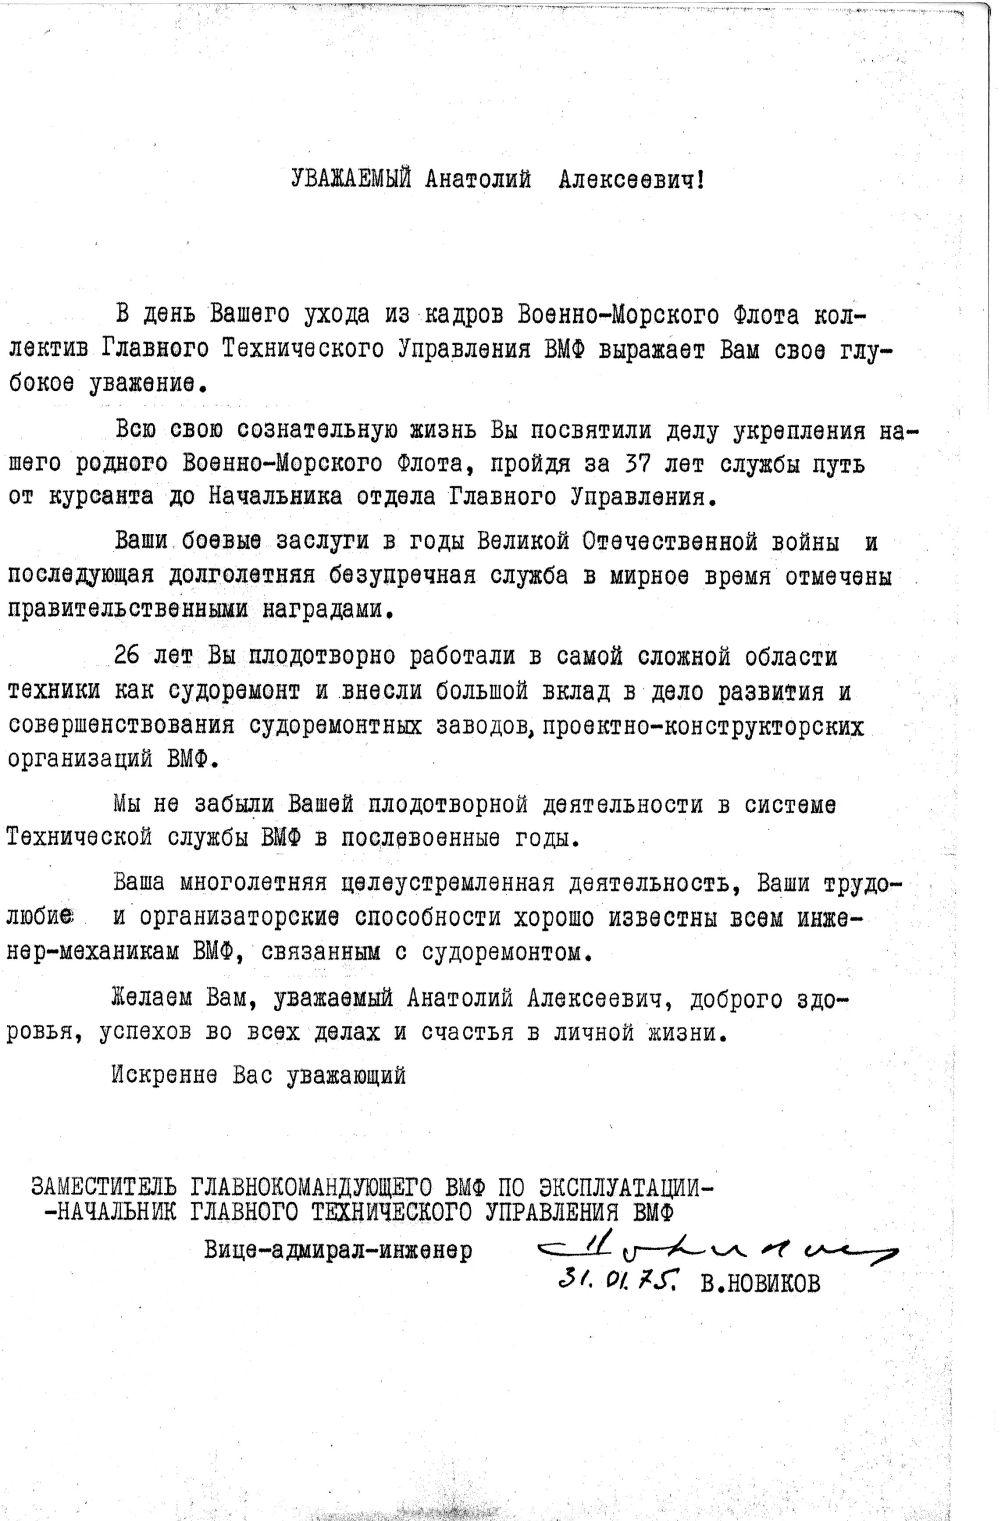 Обращение к Макаревичу Анатолию Алексеевичу